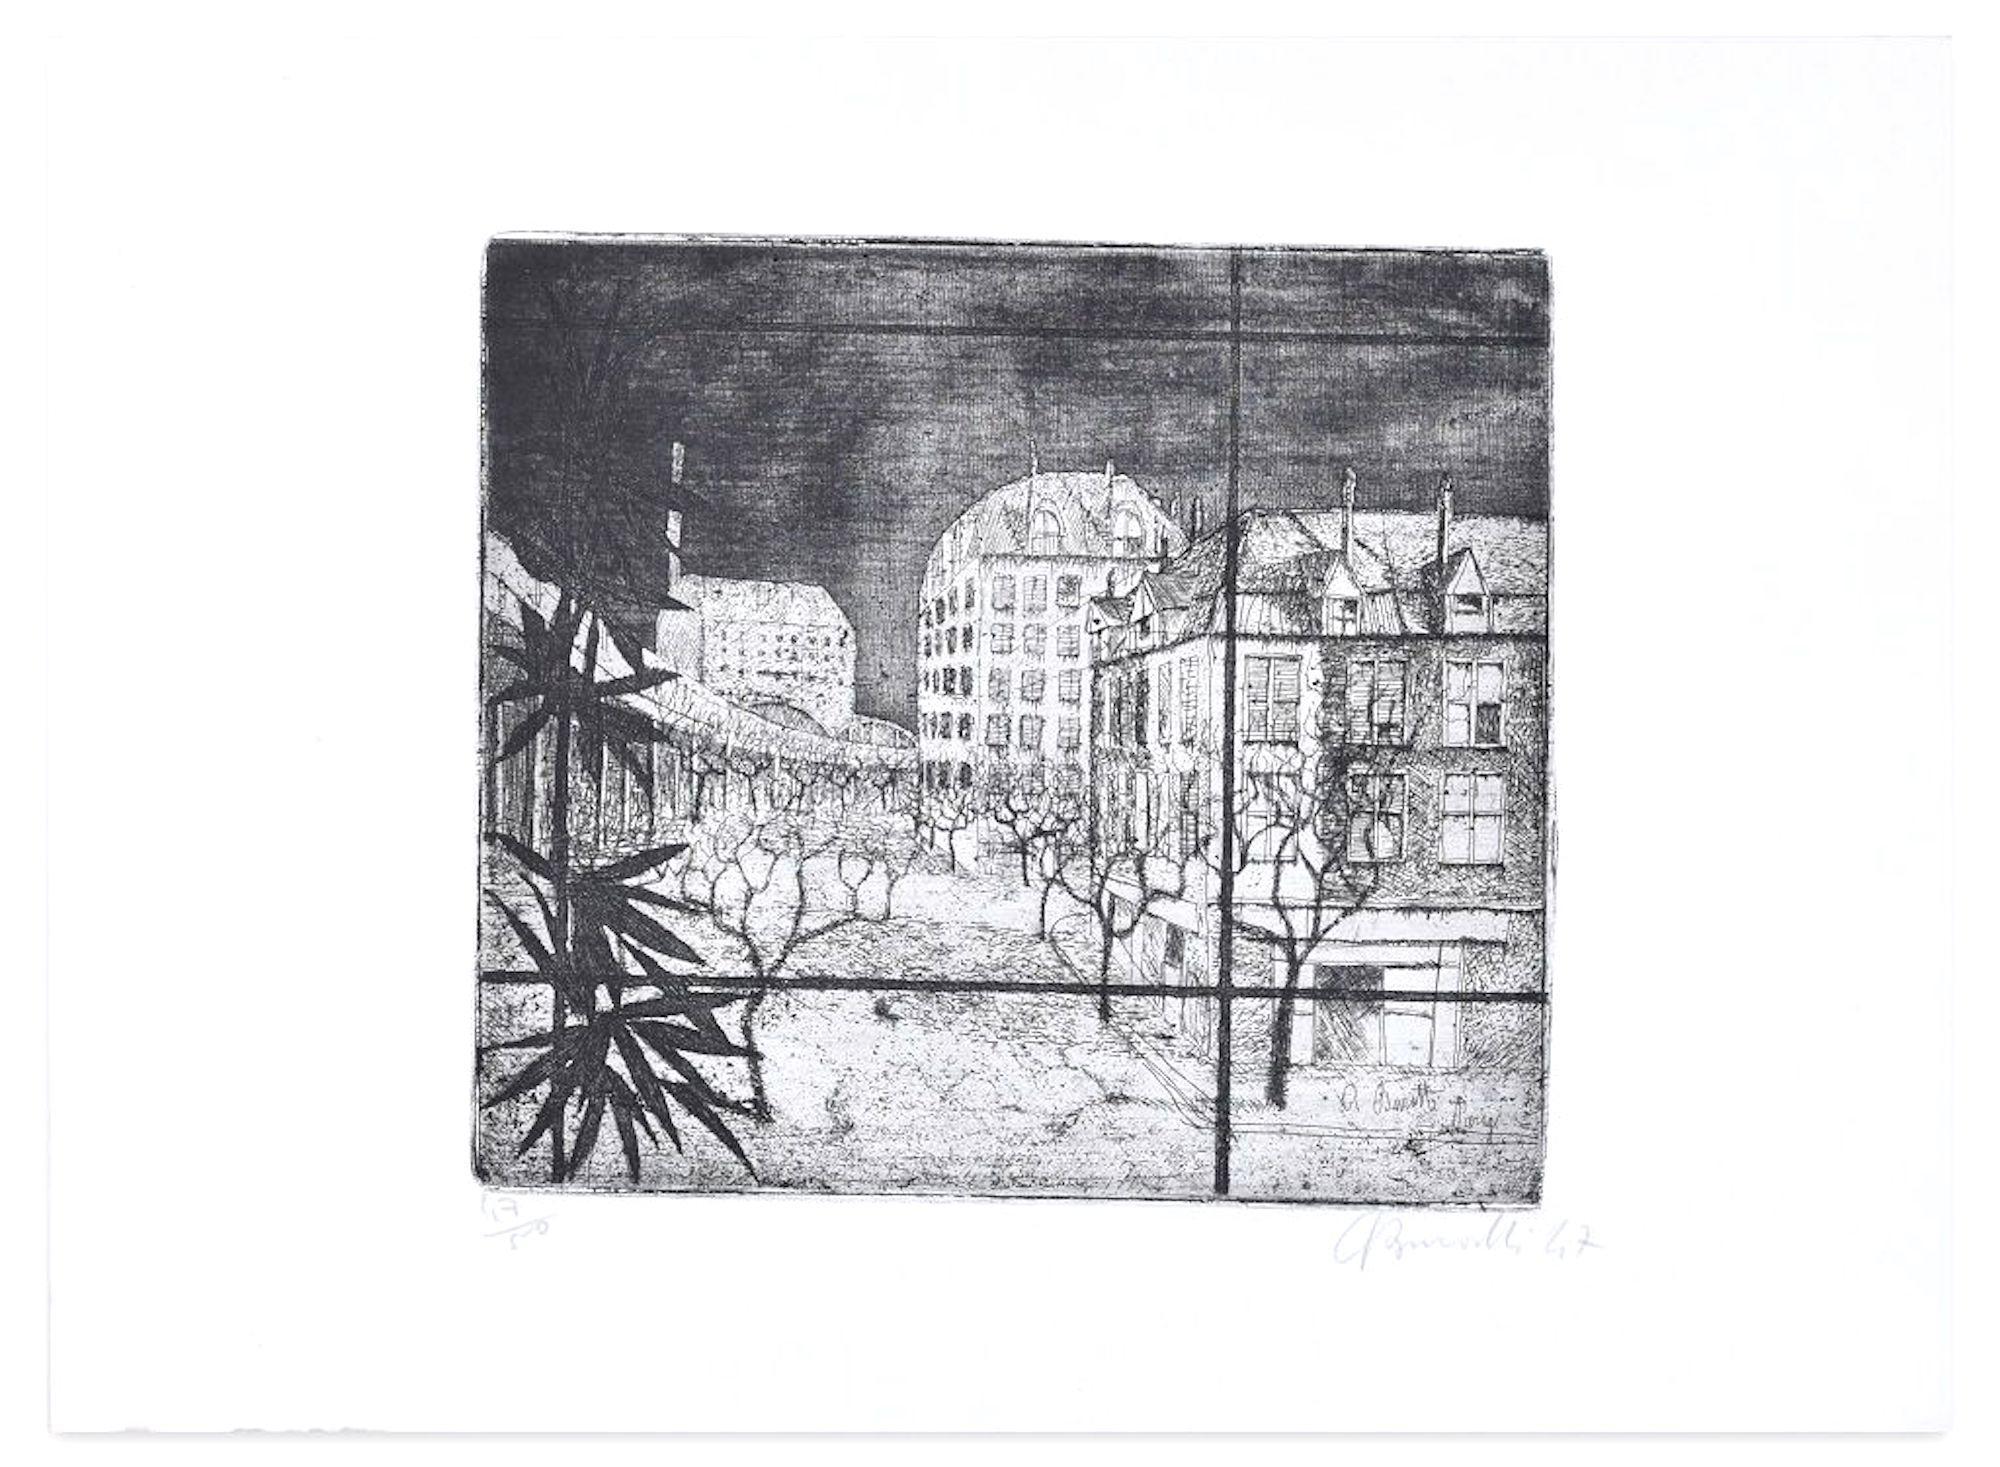 Paris - Original Etching by A. Buratti - 1947